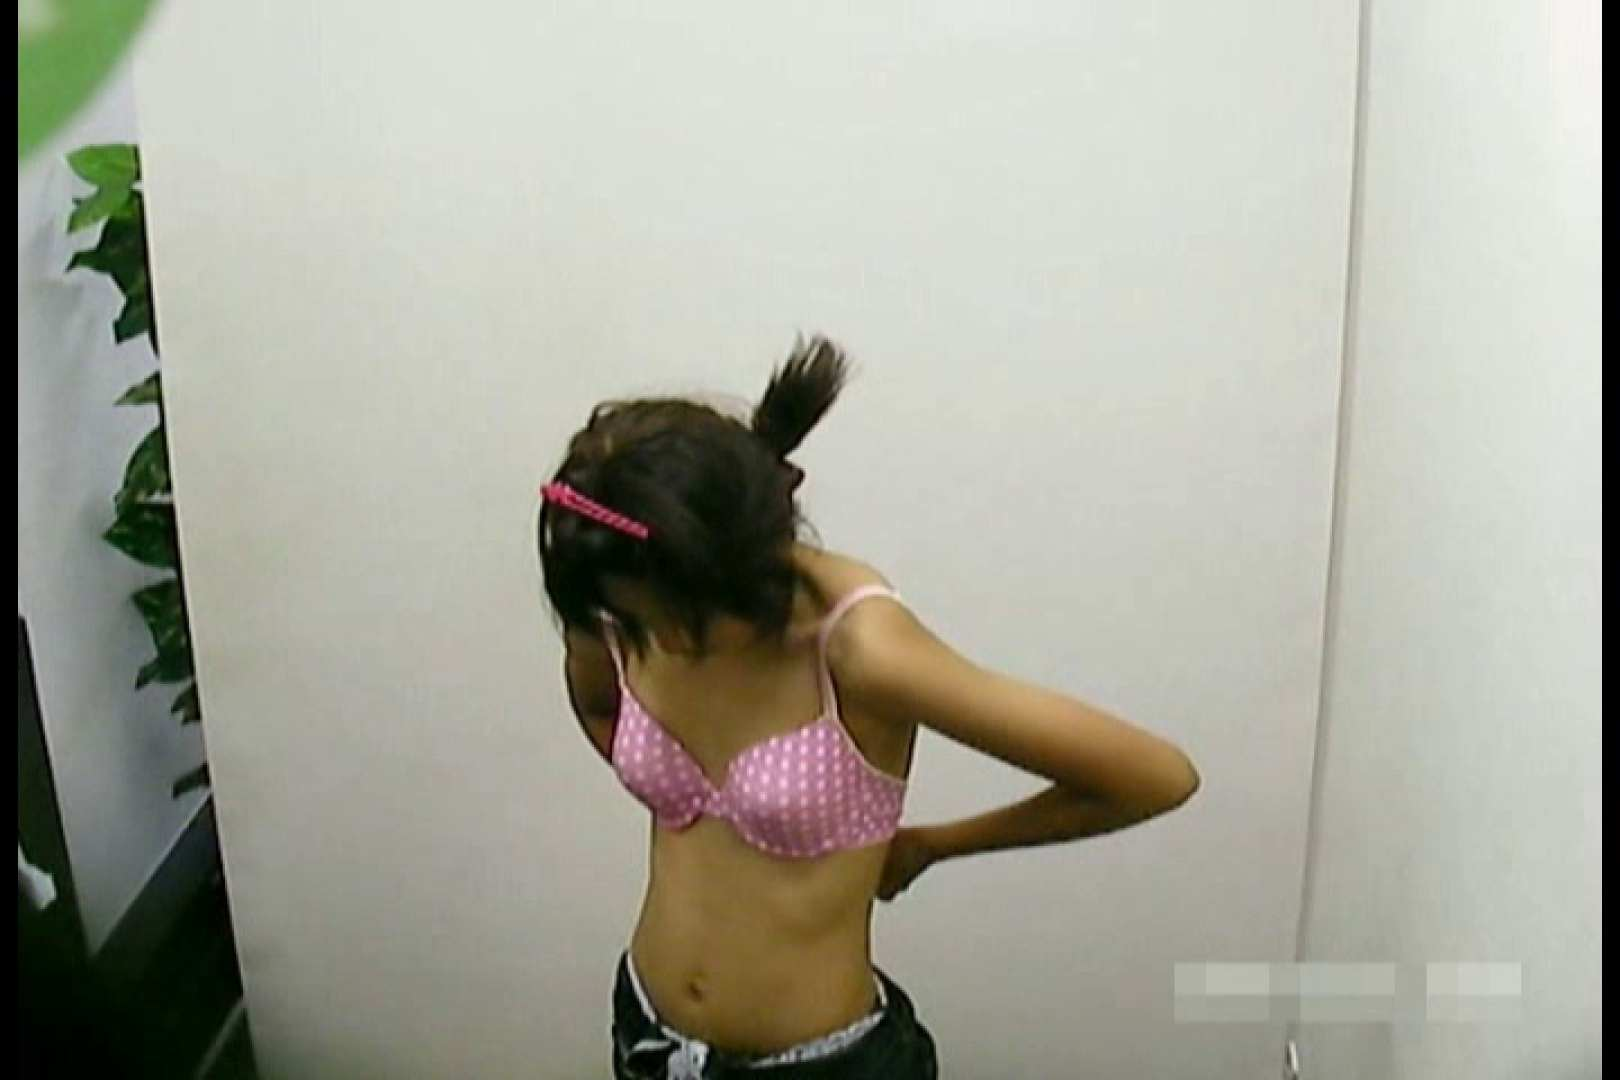 素人撮影 下着だけの撮影のはずが・・・エミちゃん18歳 素人 戯れ無修正画像 107pic 11